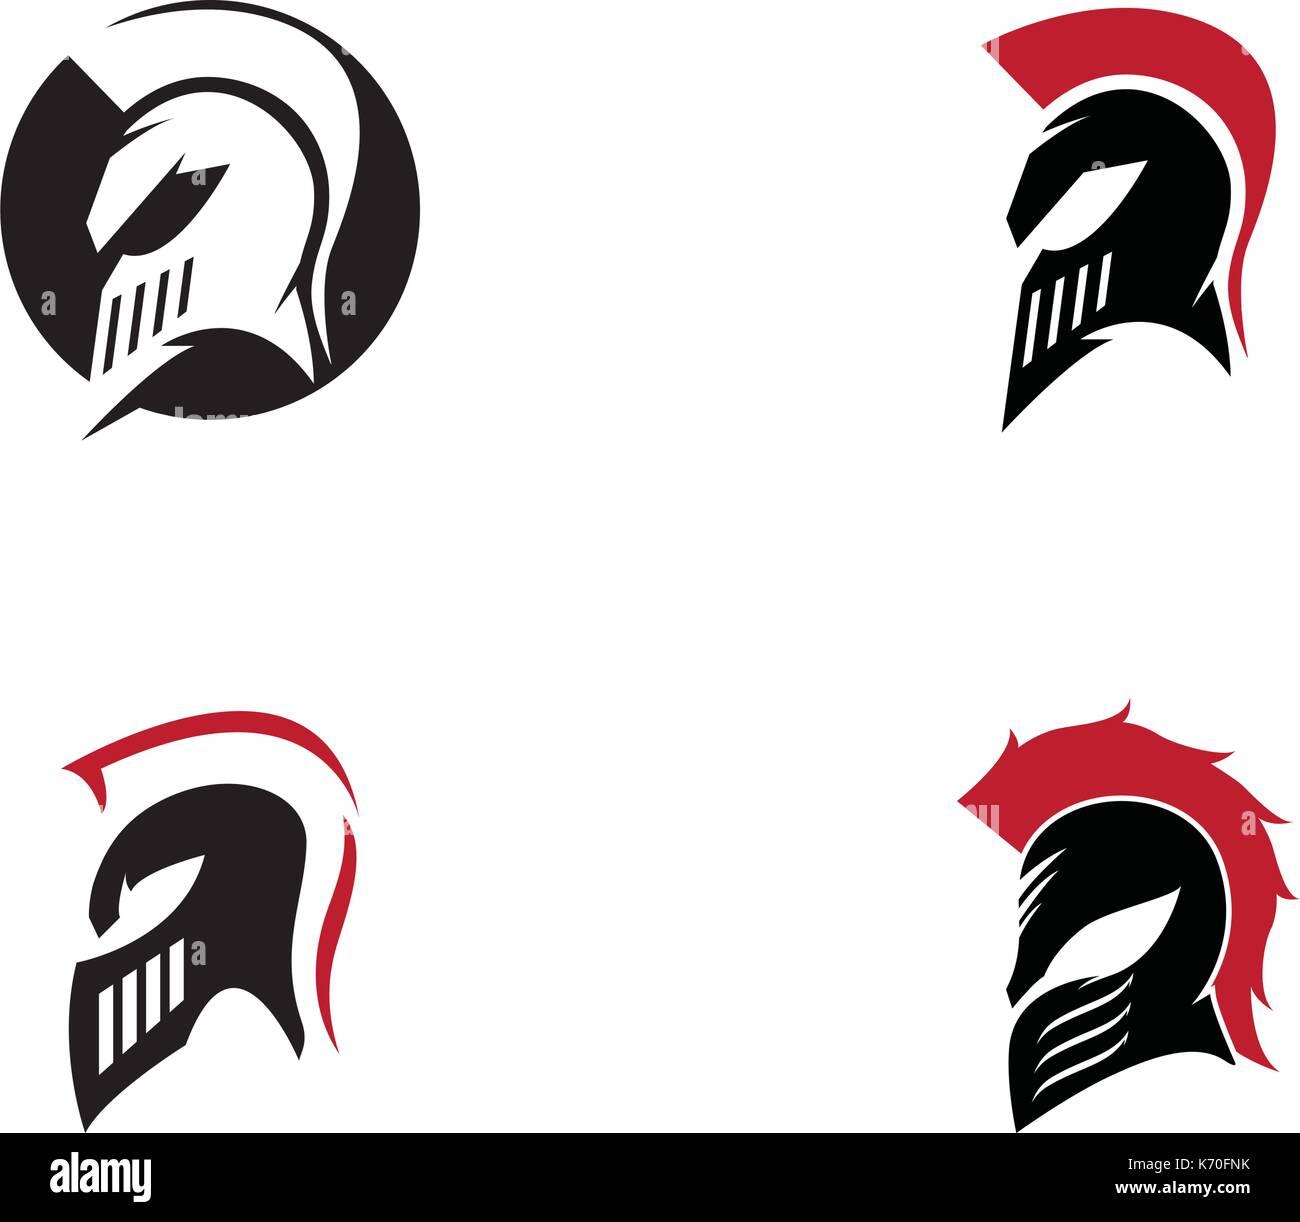 Casco espartano logo vector plantilla de diseño del icono ...